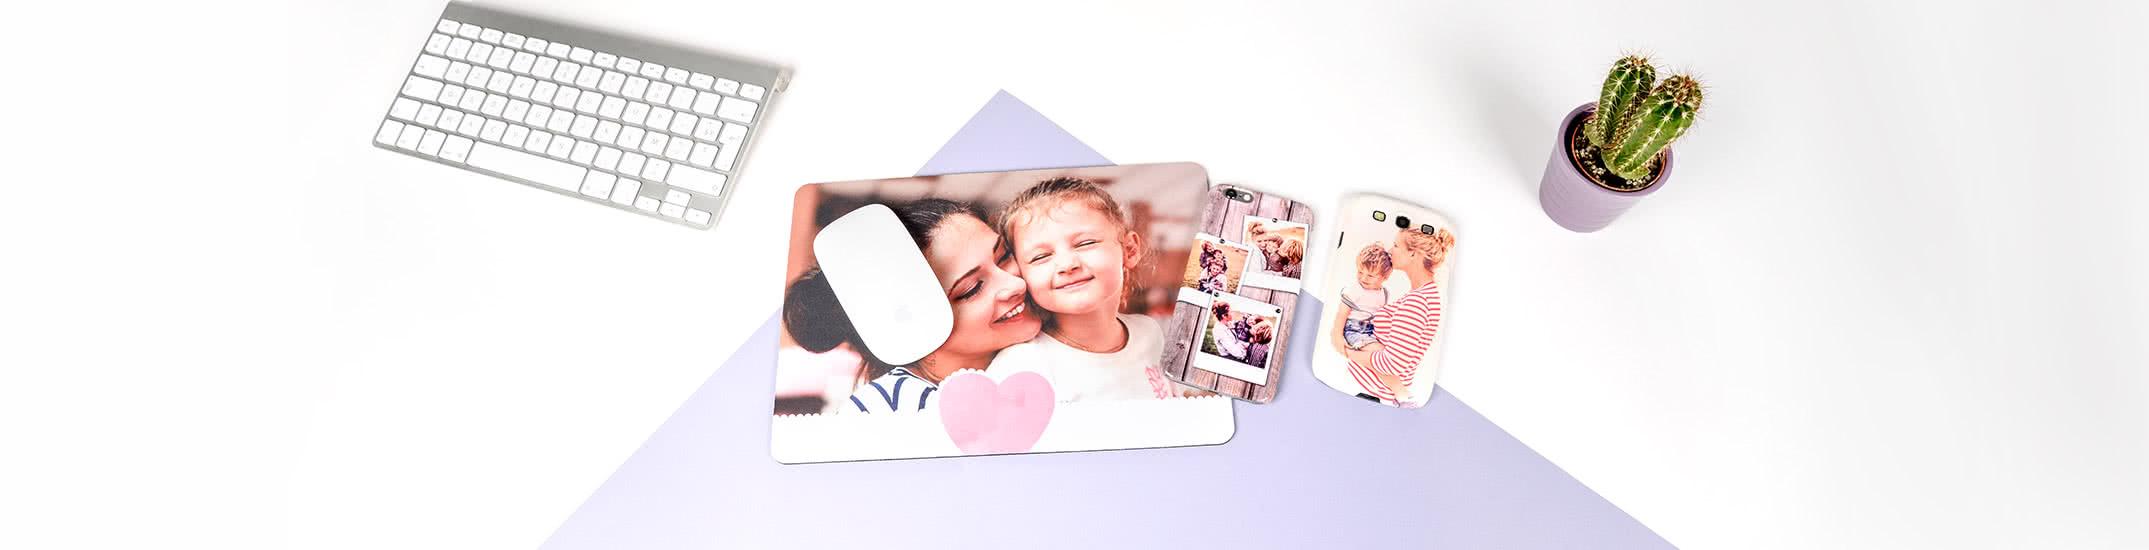 Cadeau Personnalisé Femme Avec Photo Et Texte Smartphoto